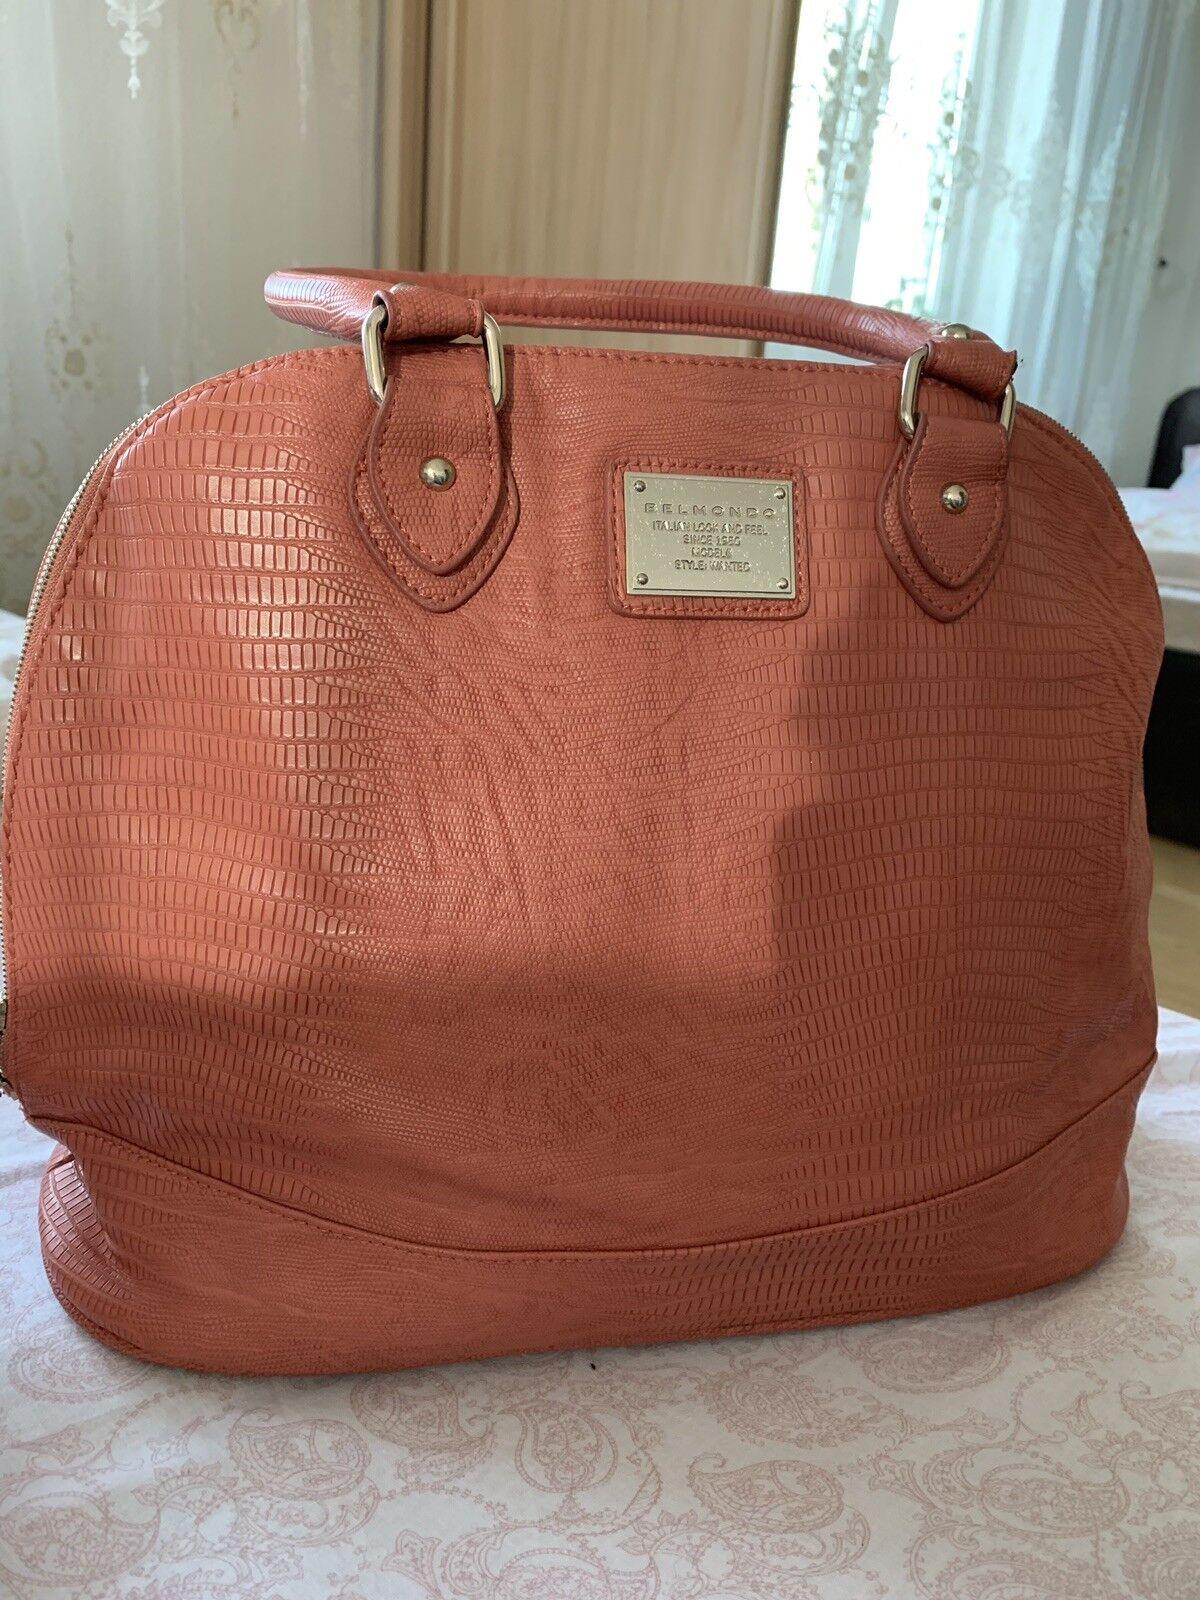 18829d44d37cc Tasche Umgängetasche Shopper Bag Belmondo Belmondo Belmondo ad80d3 Tasche  Umgängetasche Shopper Bag Belmondo Belmondo Belmondo ad80d3 ...